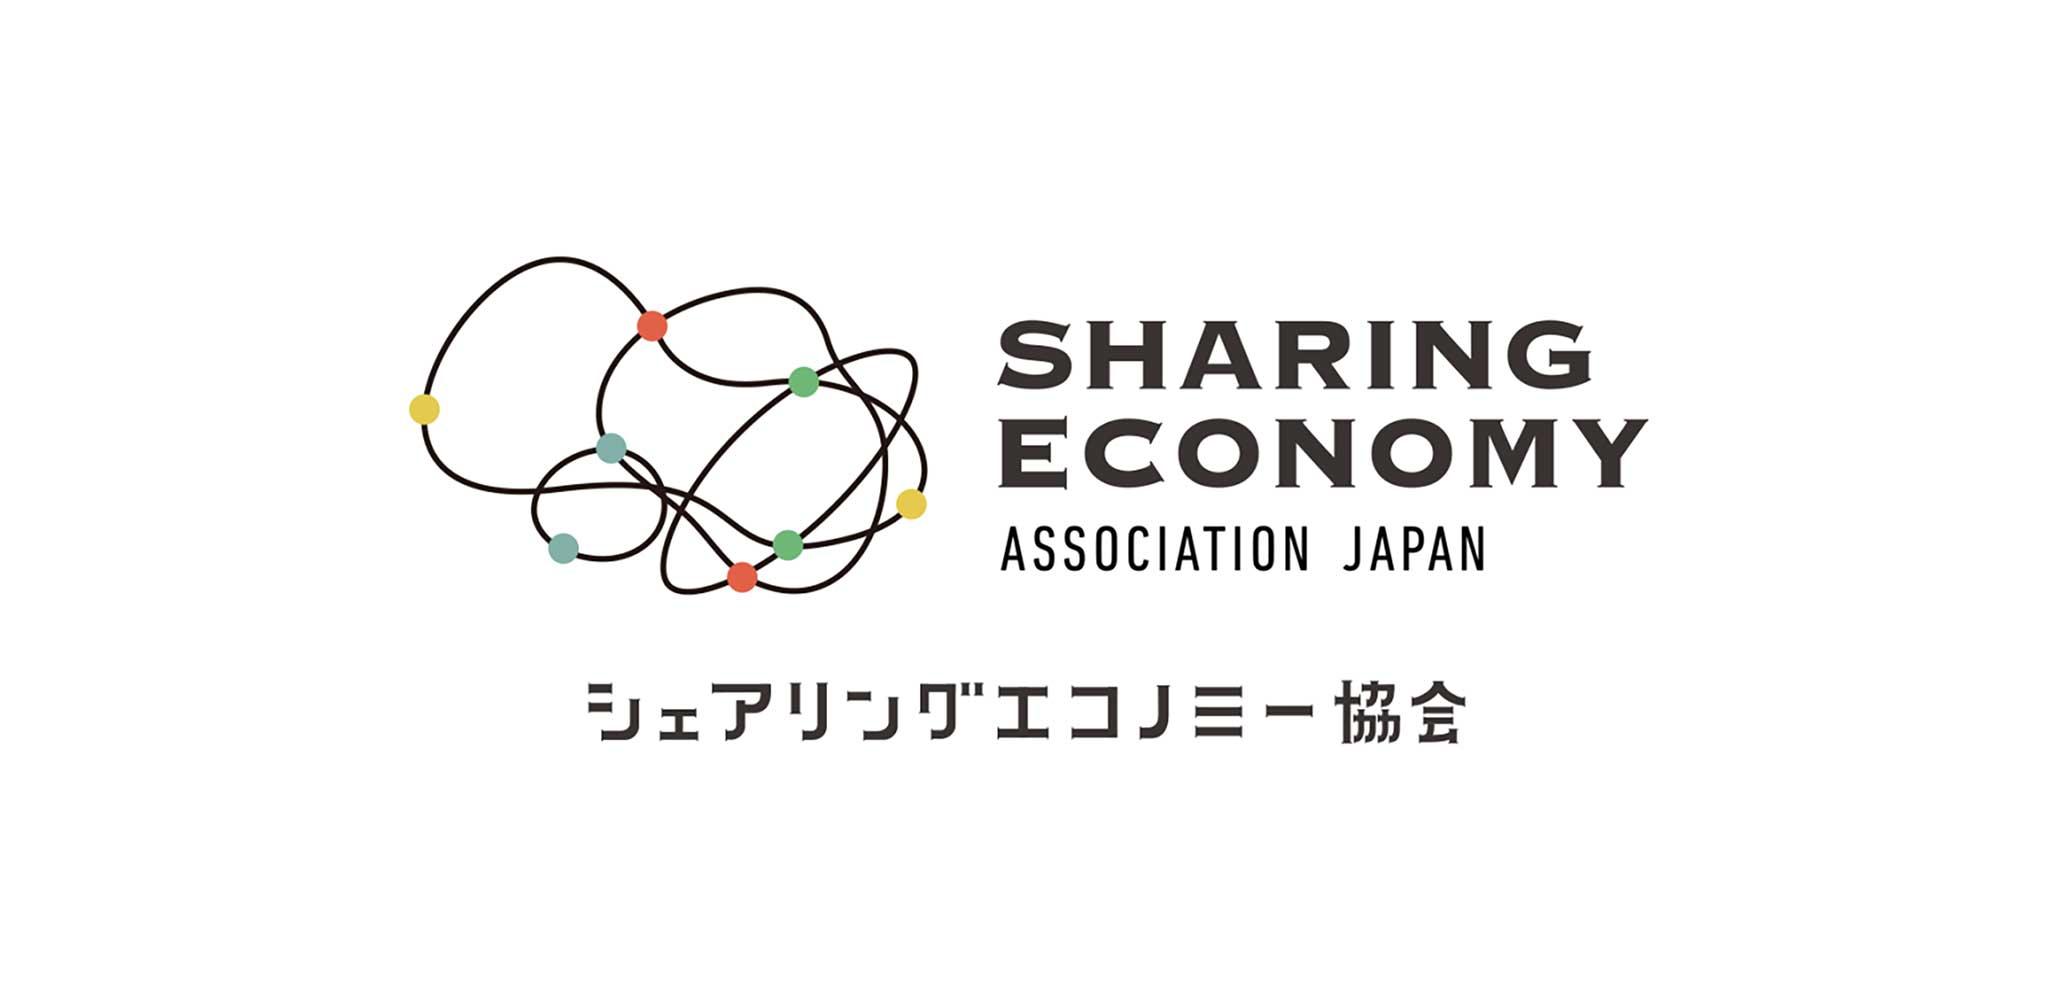 シェアリングエコノミー提供者向けの検定制度を4月12日(月)より開始予定